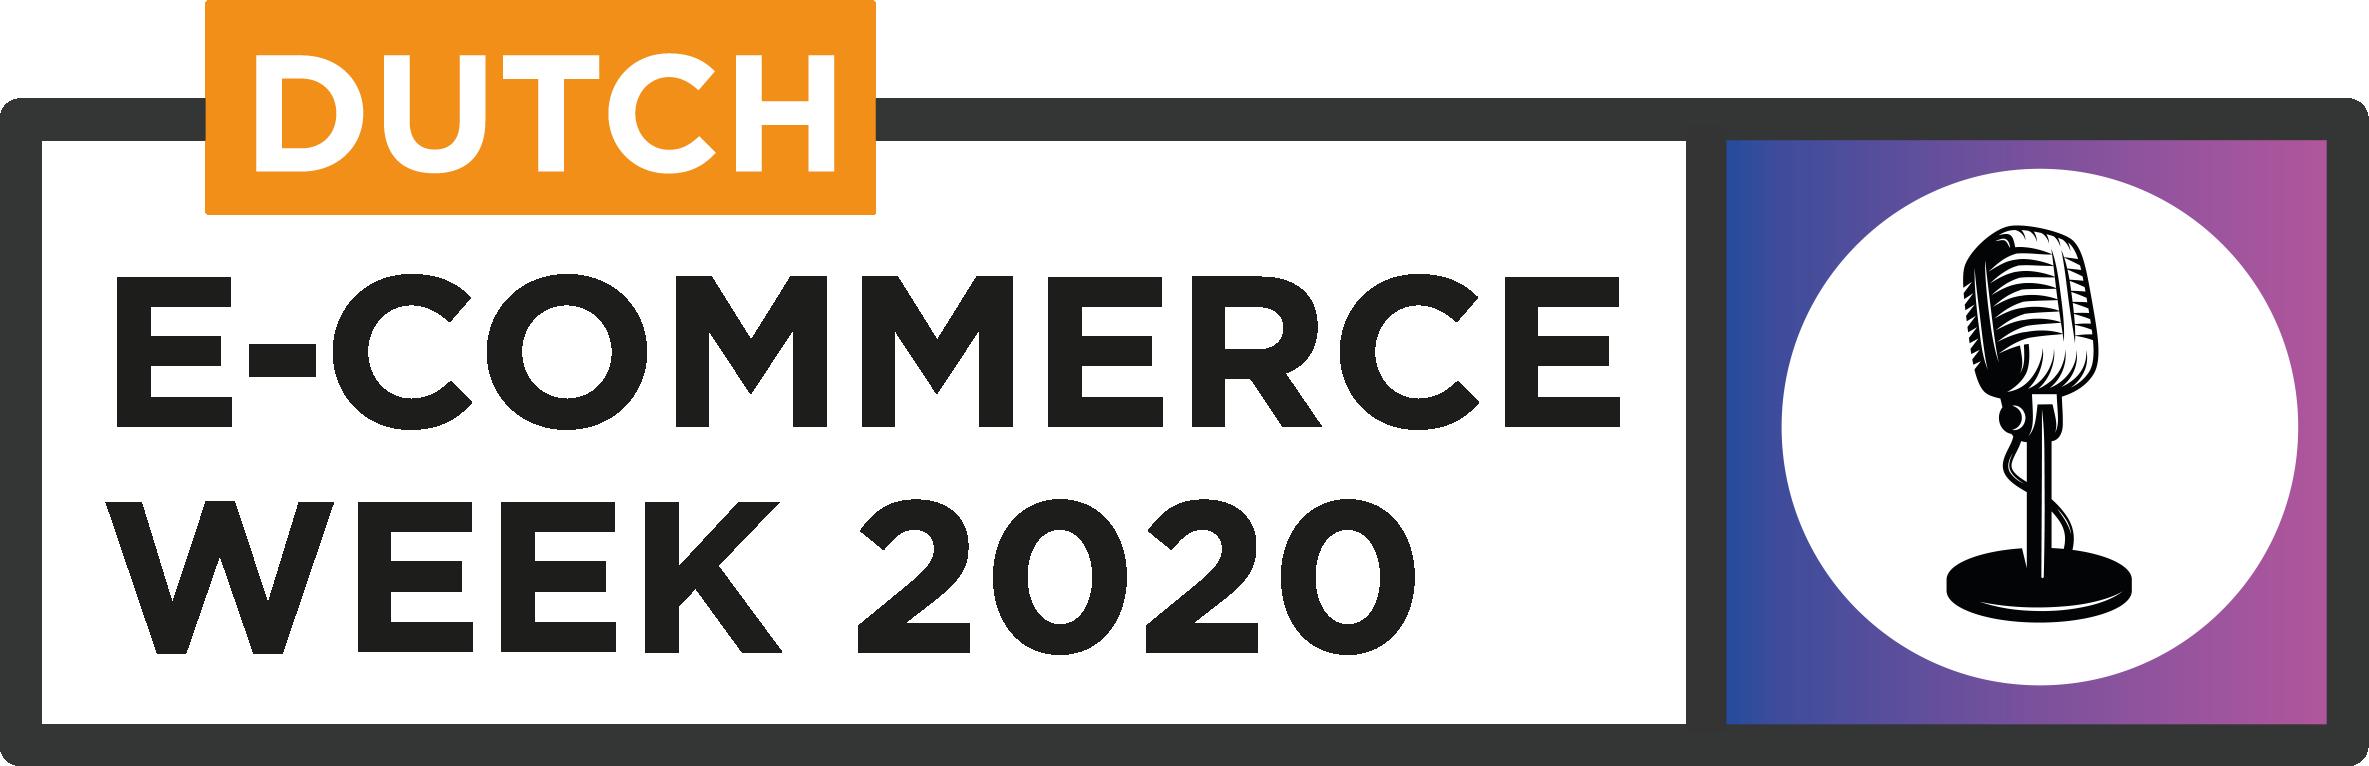 Dutch E-commerce Week 2020